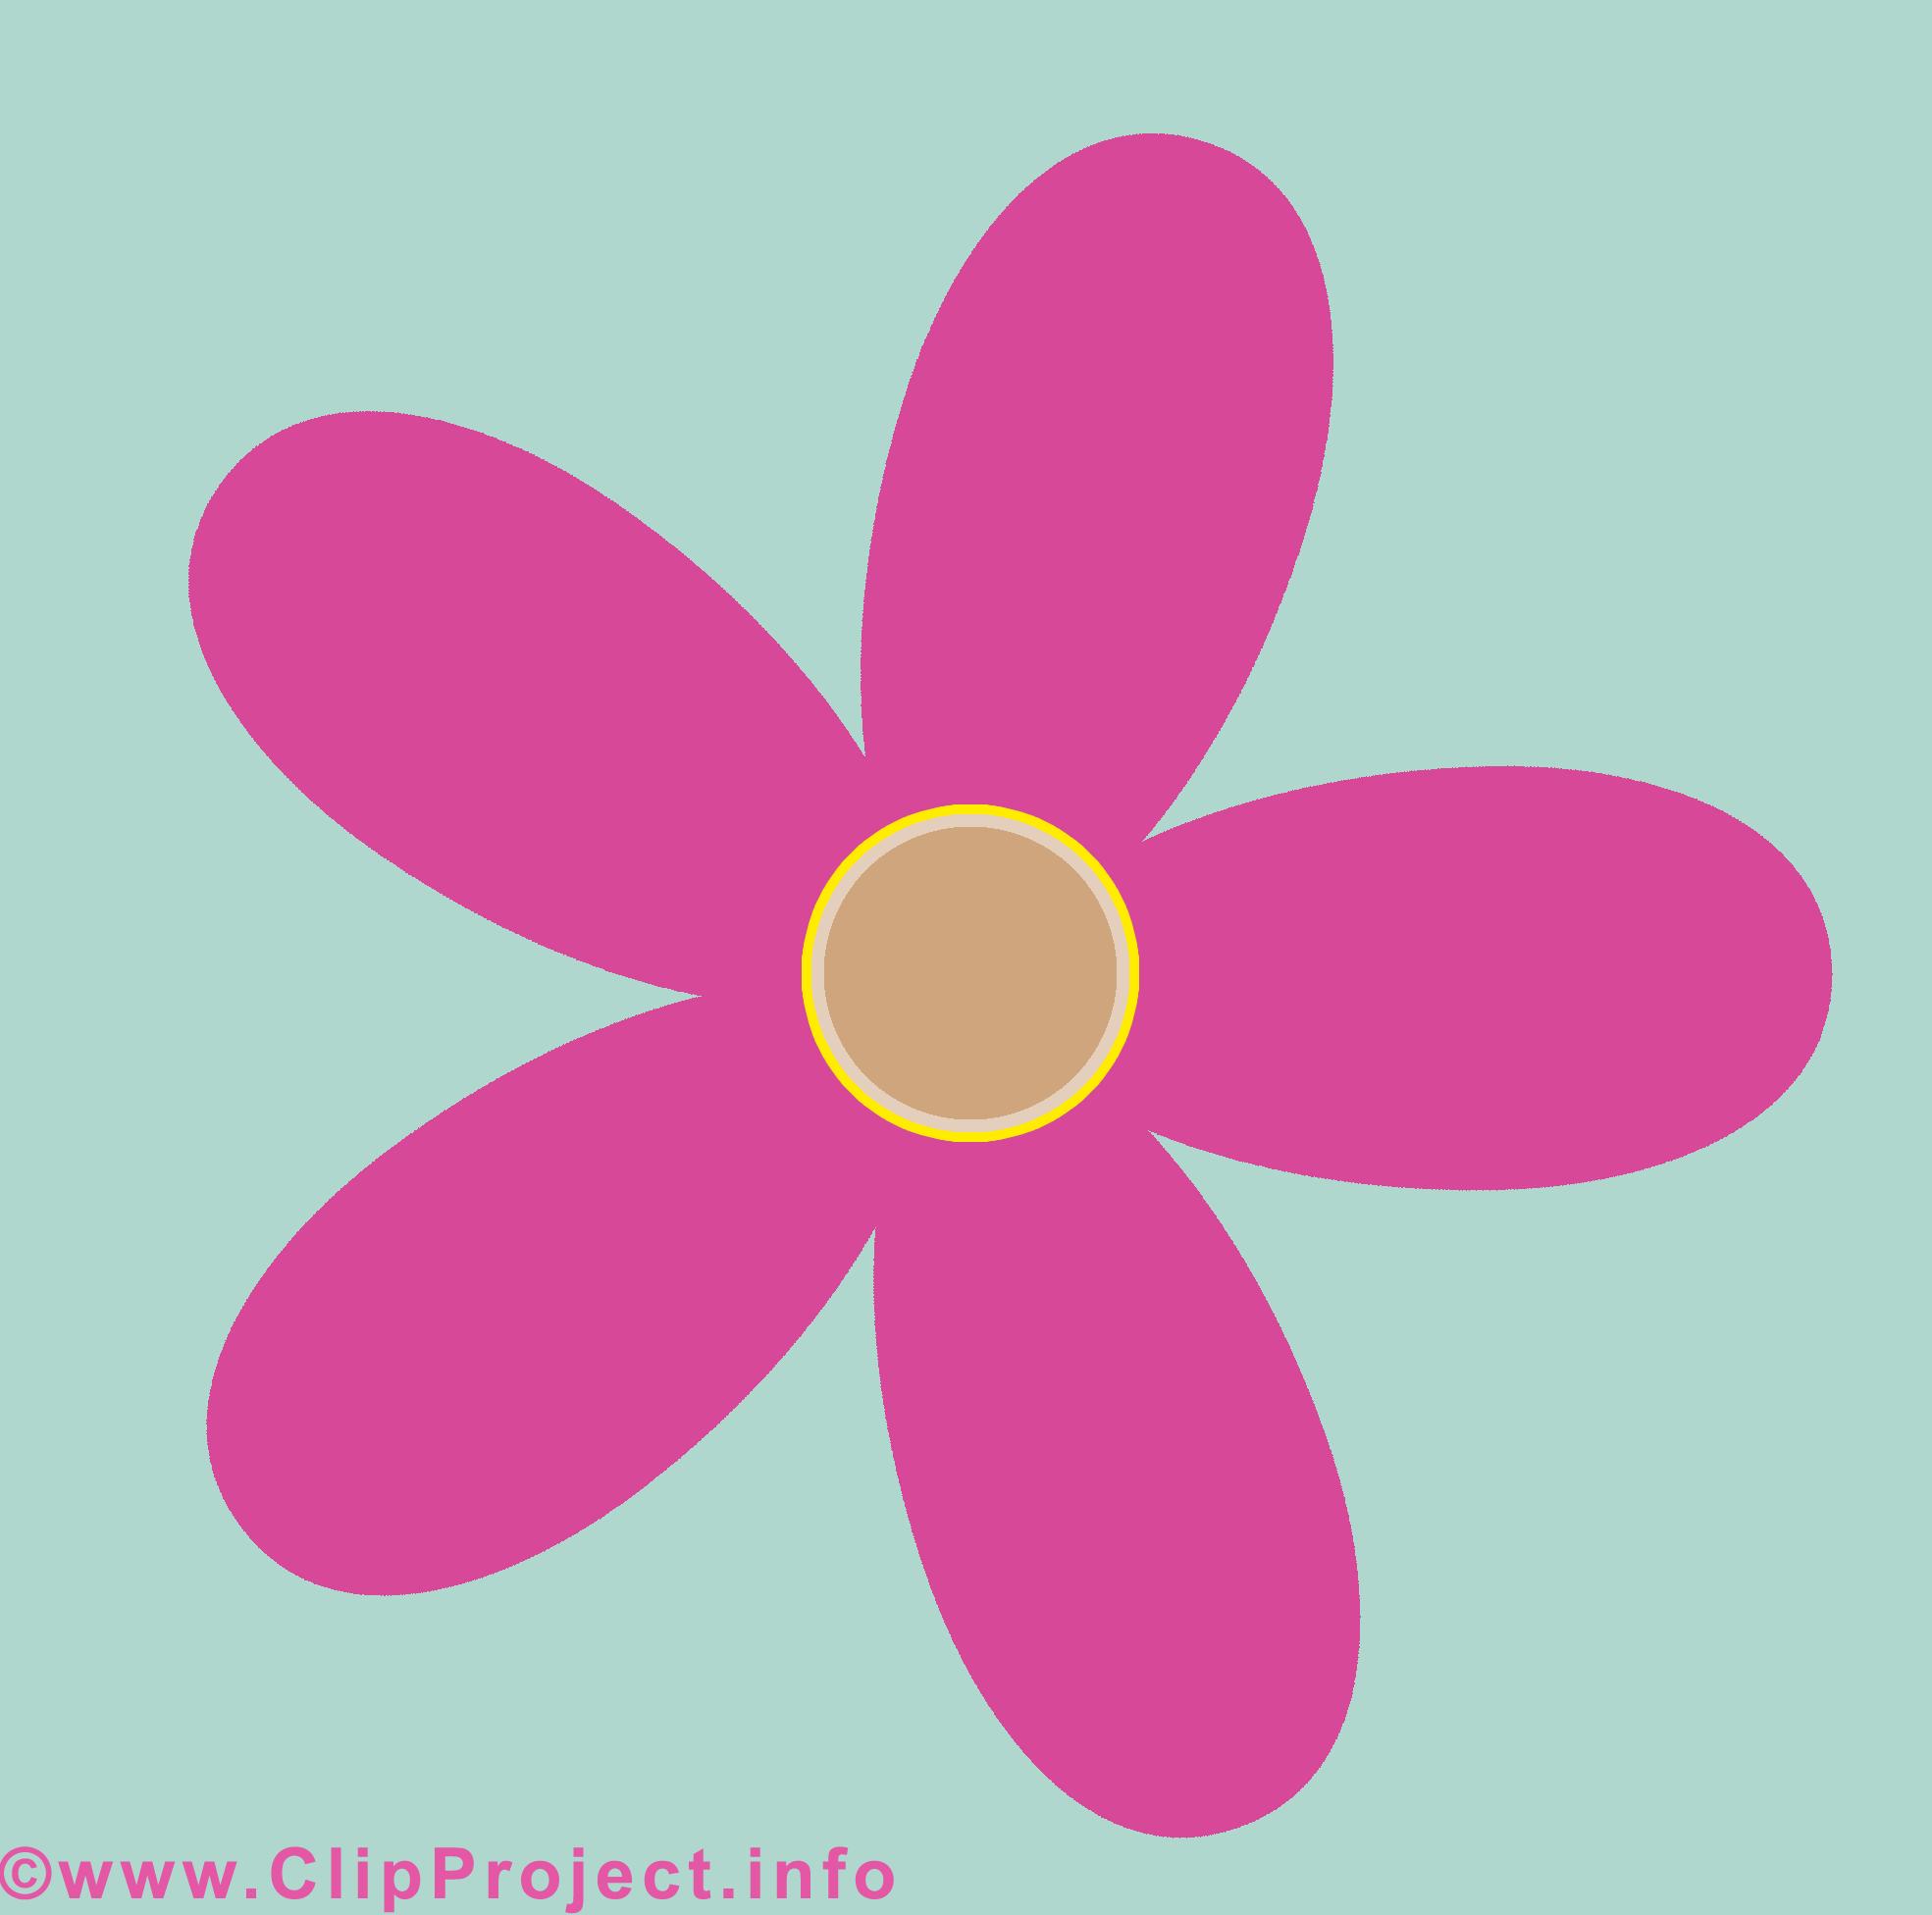 Cliparts gratuis fleurs images